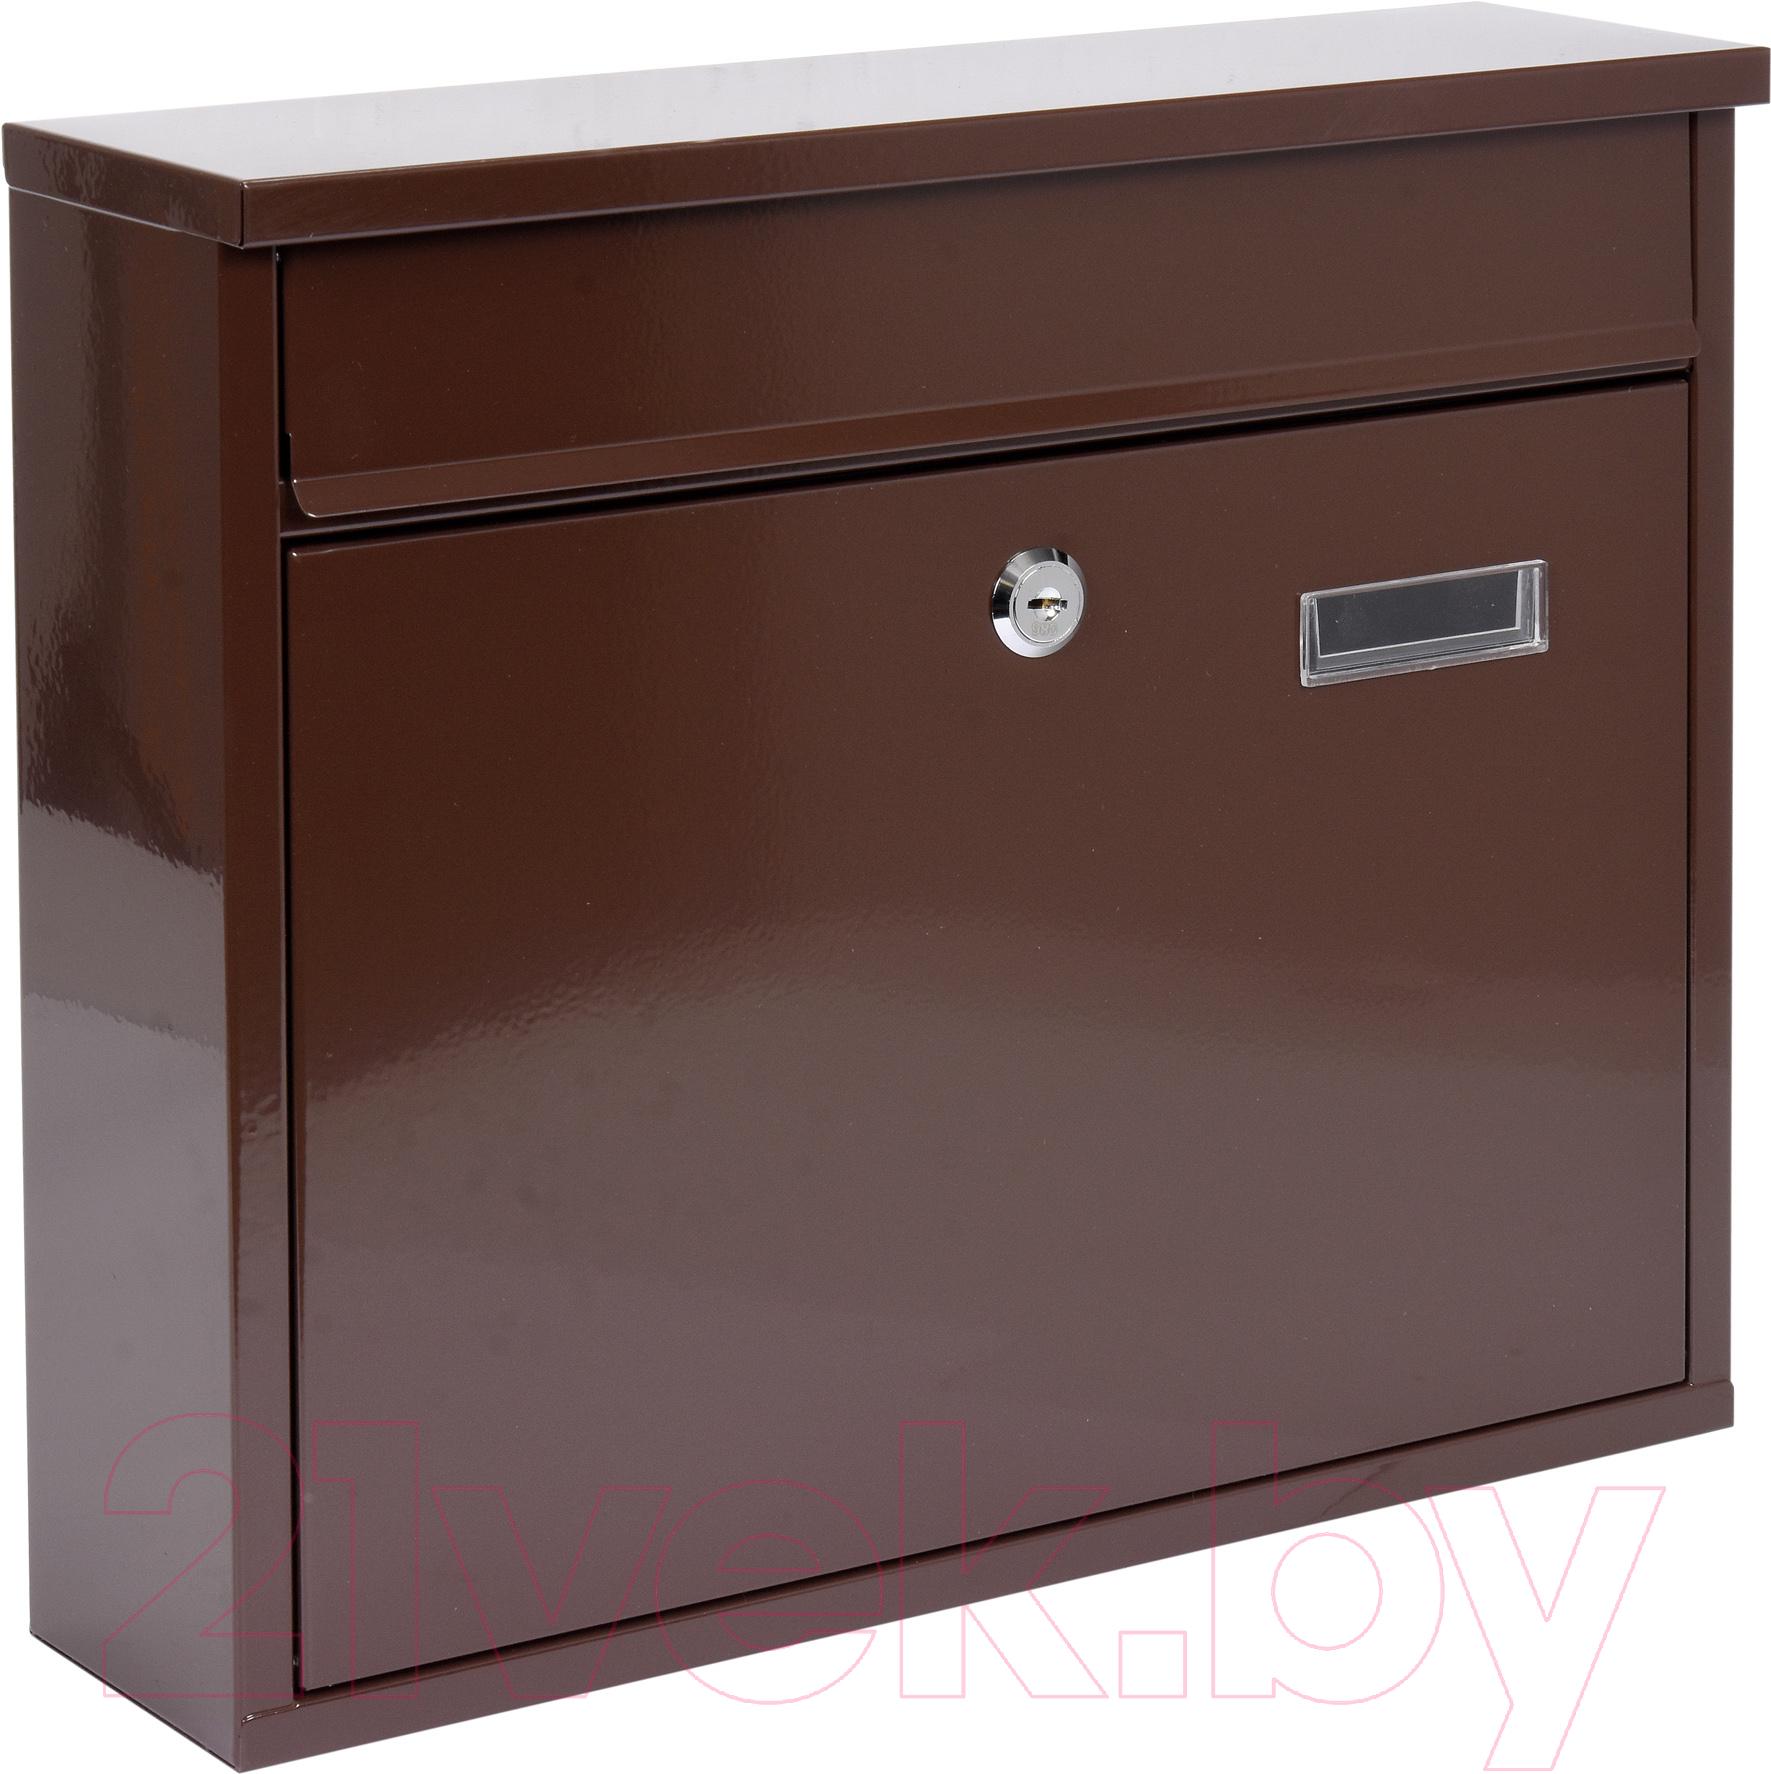 Купить Почтовый ящик Vorel, 78577, Польша, коричневый, сталь